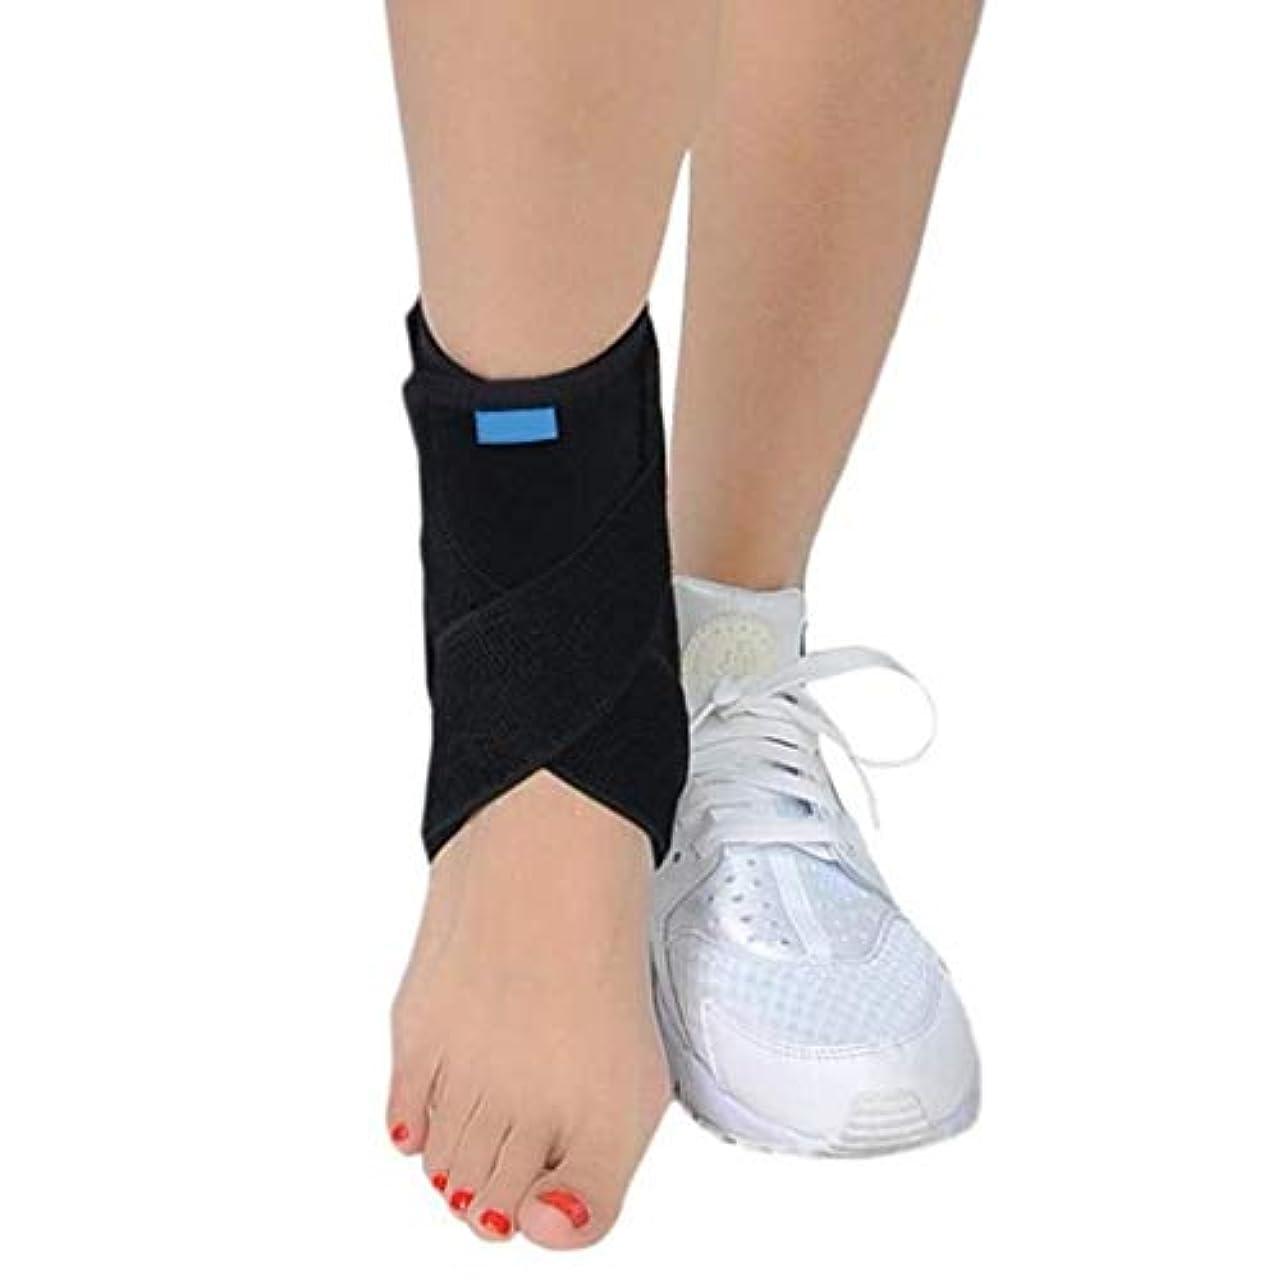 軽蔑するアボート足スプリント足首装具、矯正足ドロップ姿勢、かかとの痛み、足ドロップ、足底筋膜炎の安定化とアキレス腱炎の症状を緩和します